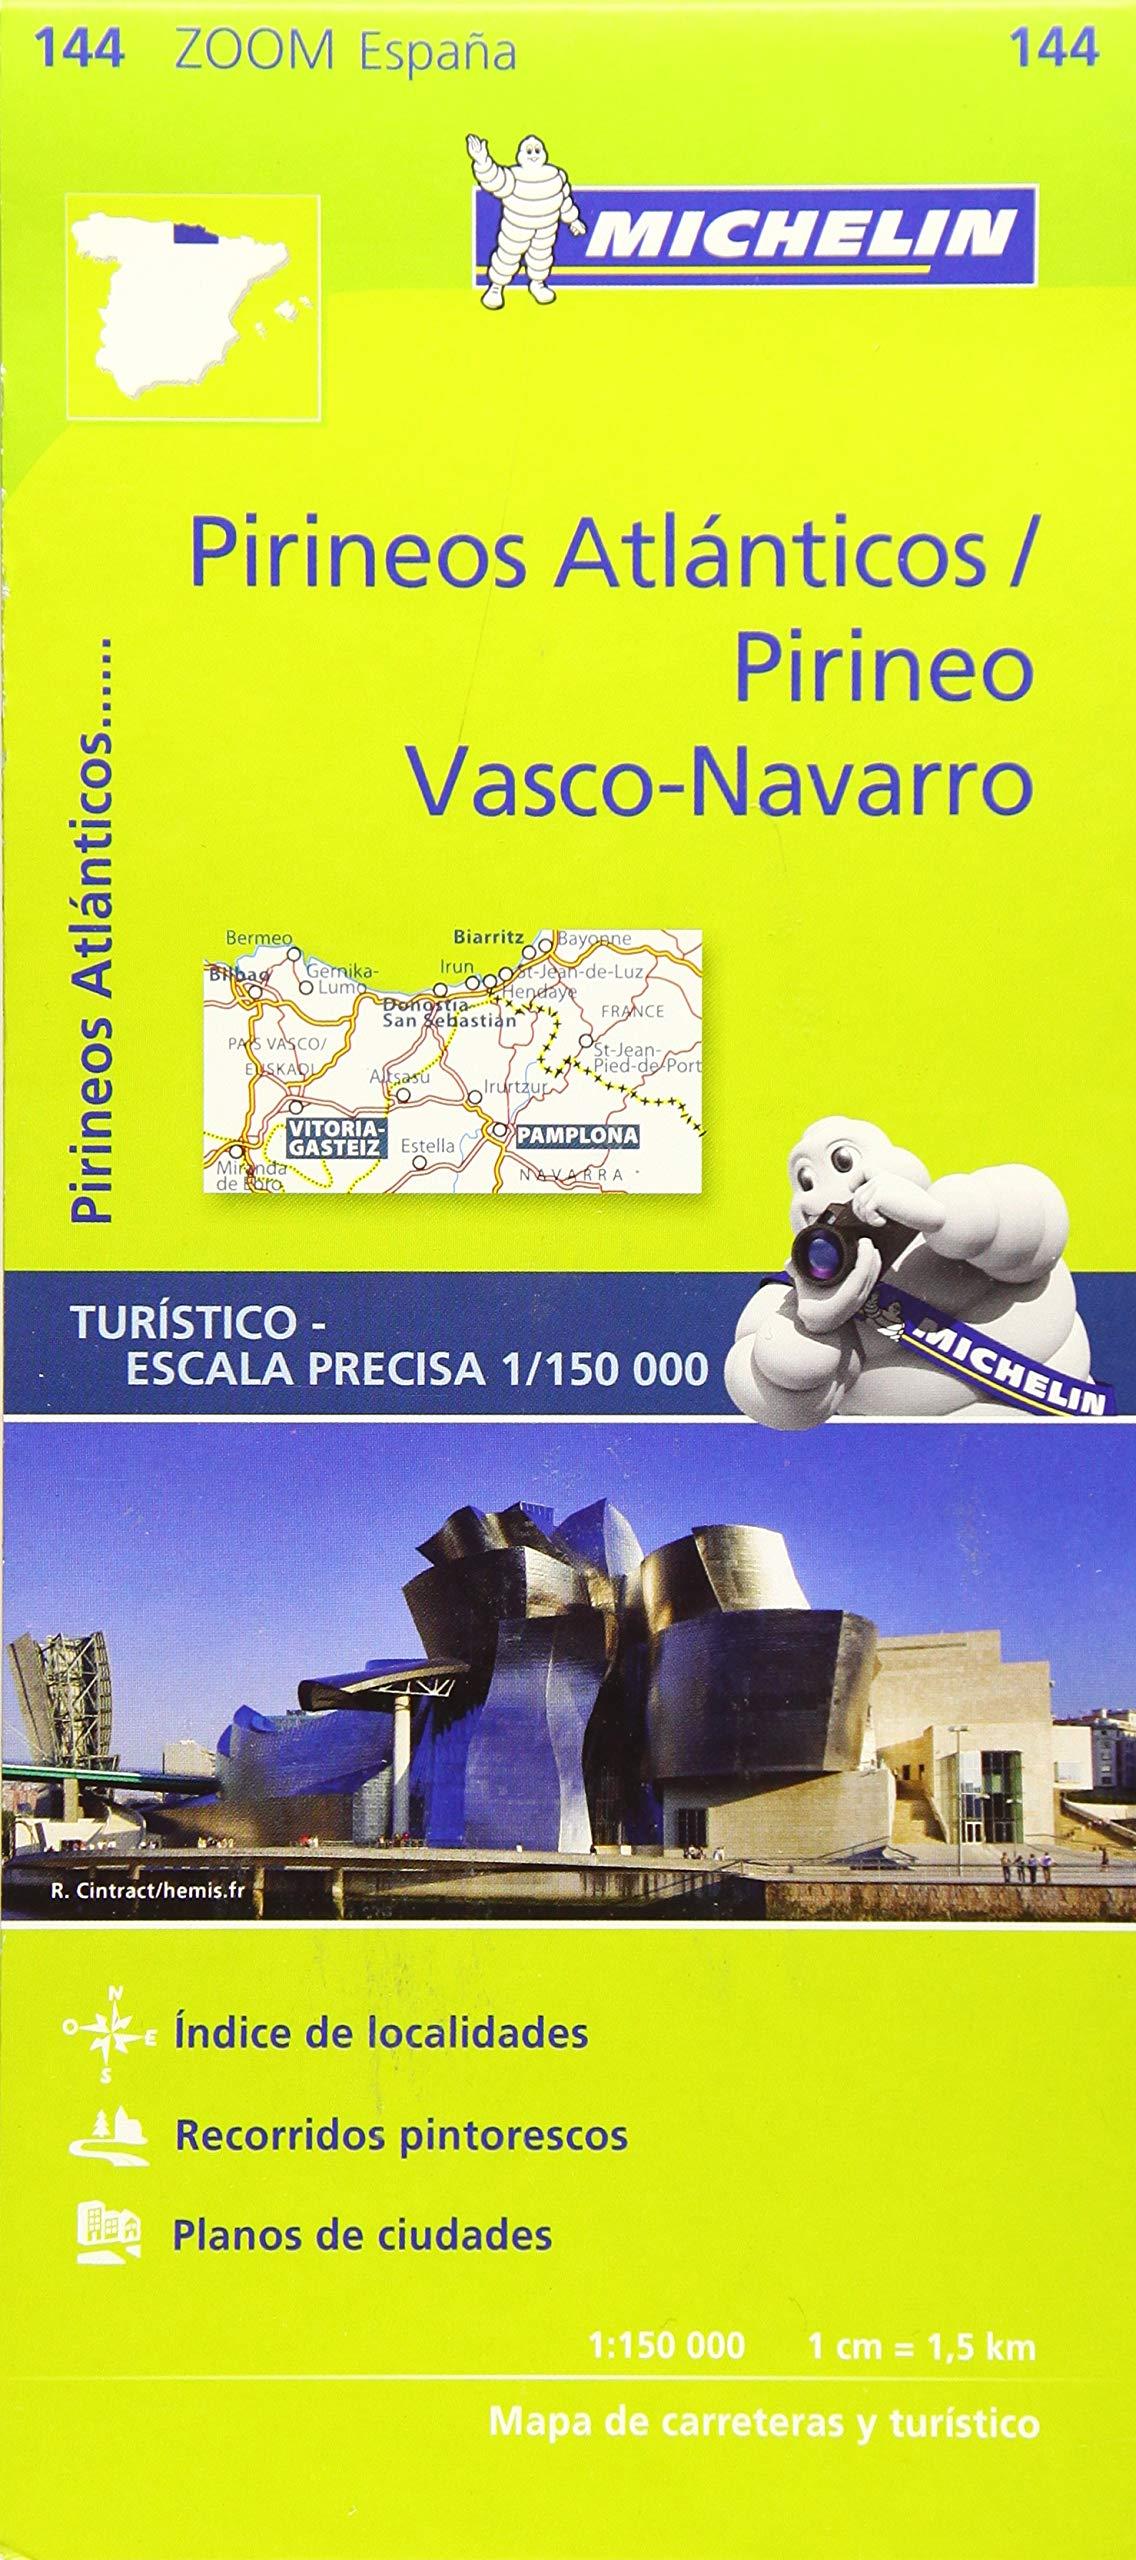 Pirineos Atlanticos Michelin Zoom Maps, scale 1/150 000: Amazon.es: Vv.Aa, Vv.Aa: Libros